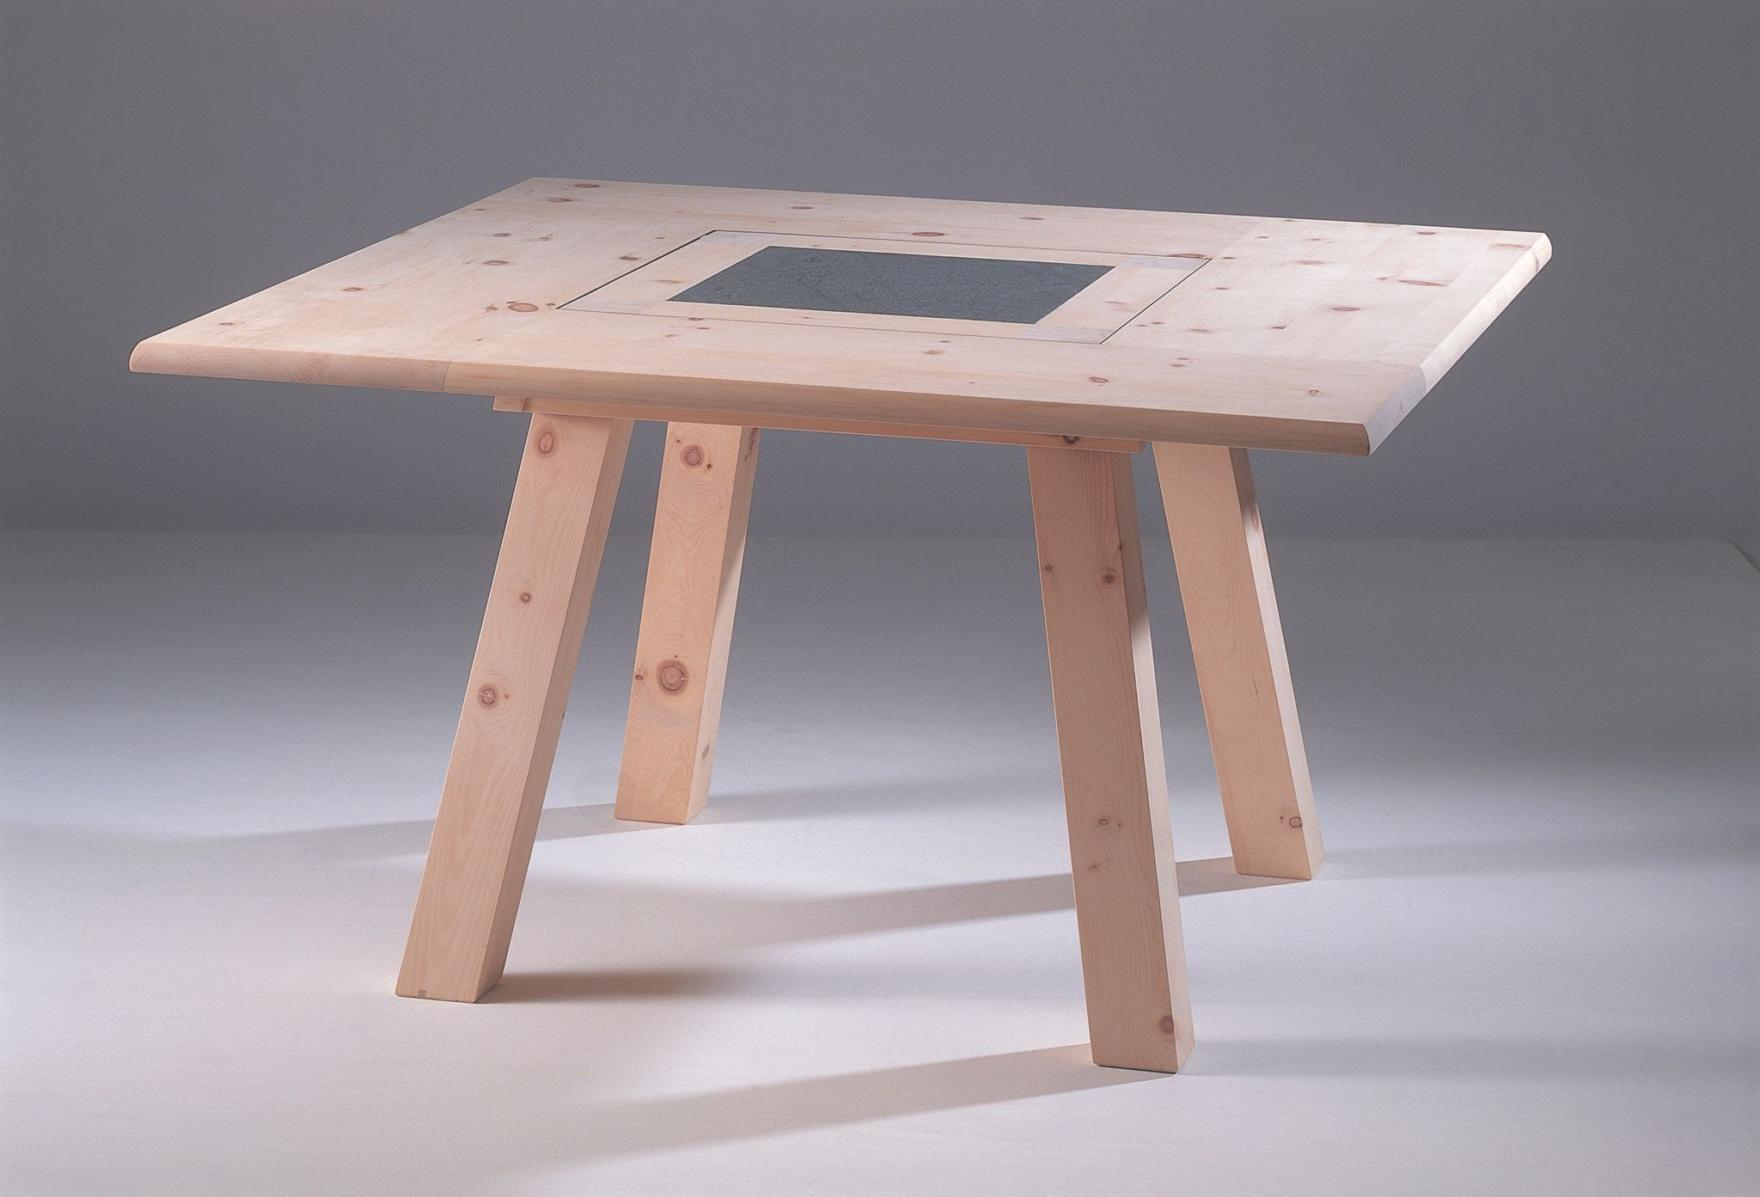 tisch-il-tavolin1997-foto